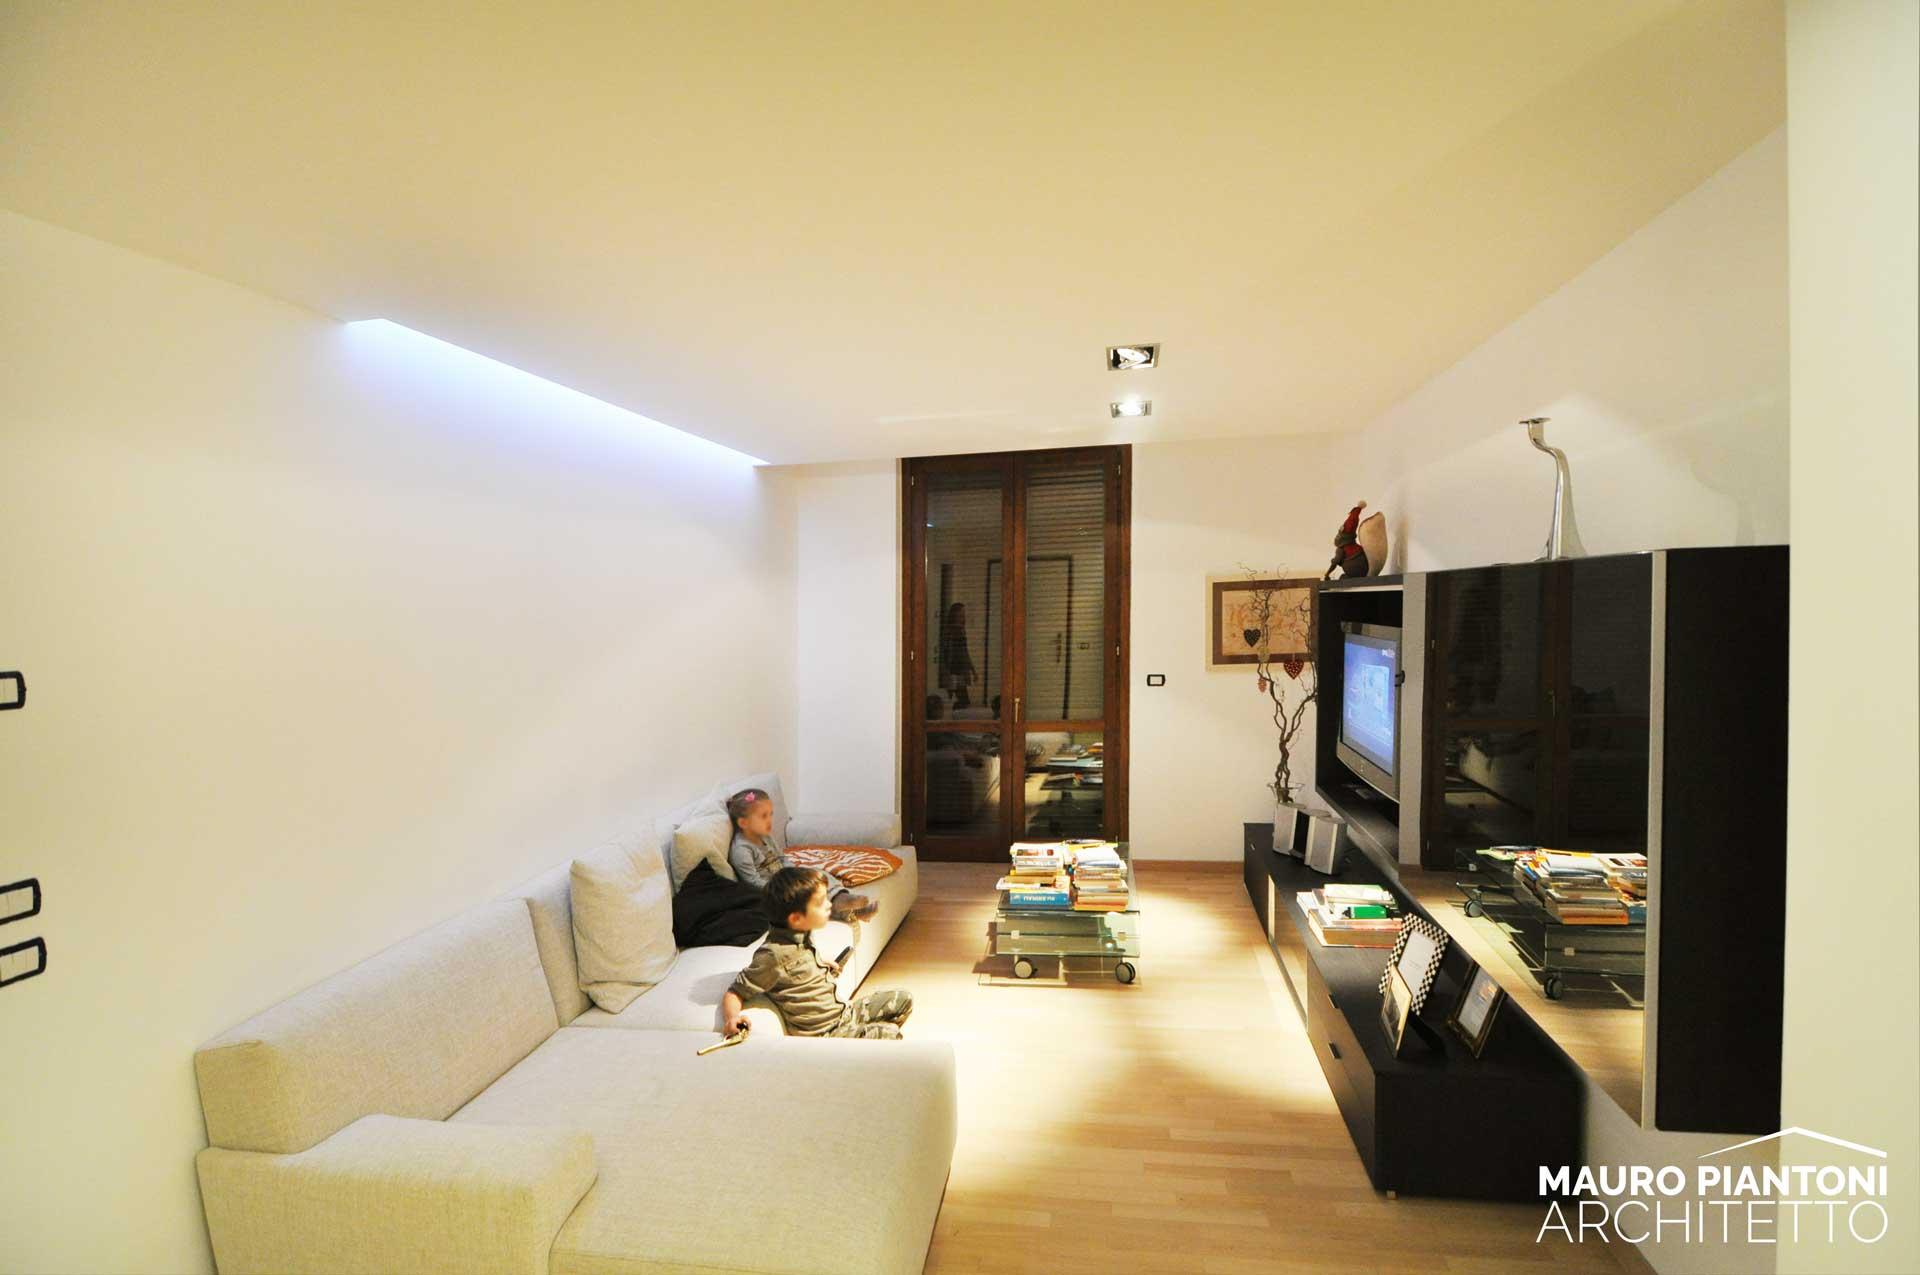 Arredamento interno casa cheap img with arredamento interno casa great arredo interno casa via - Arredamento interni casa ...